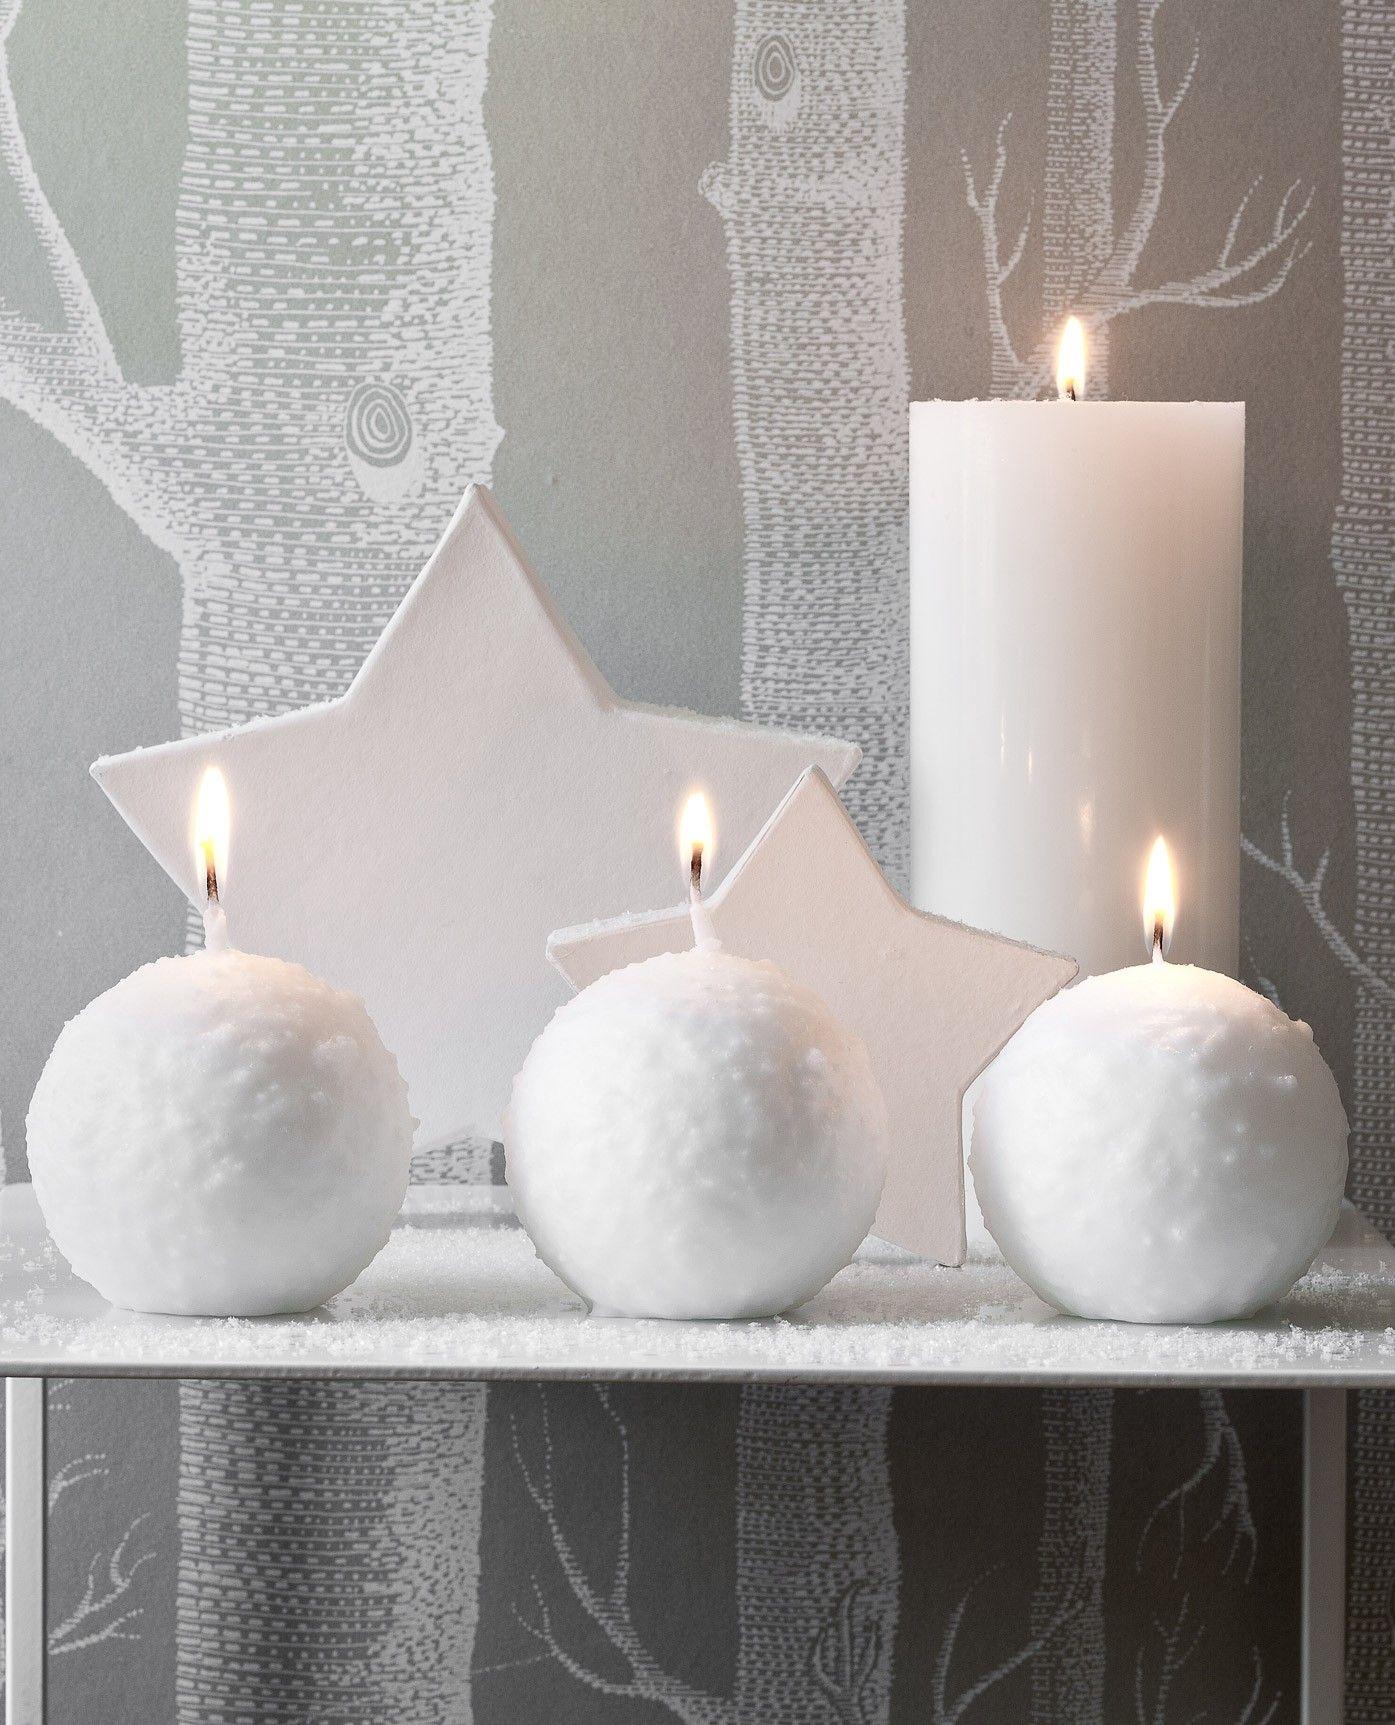 Bougie Decorative Boule De Neige 18h Blanc Christmas Pinterest